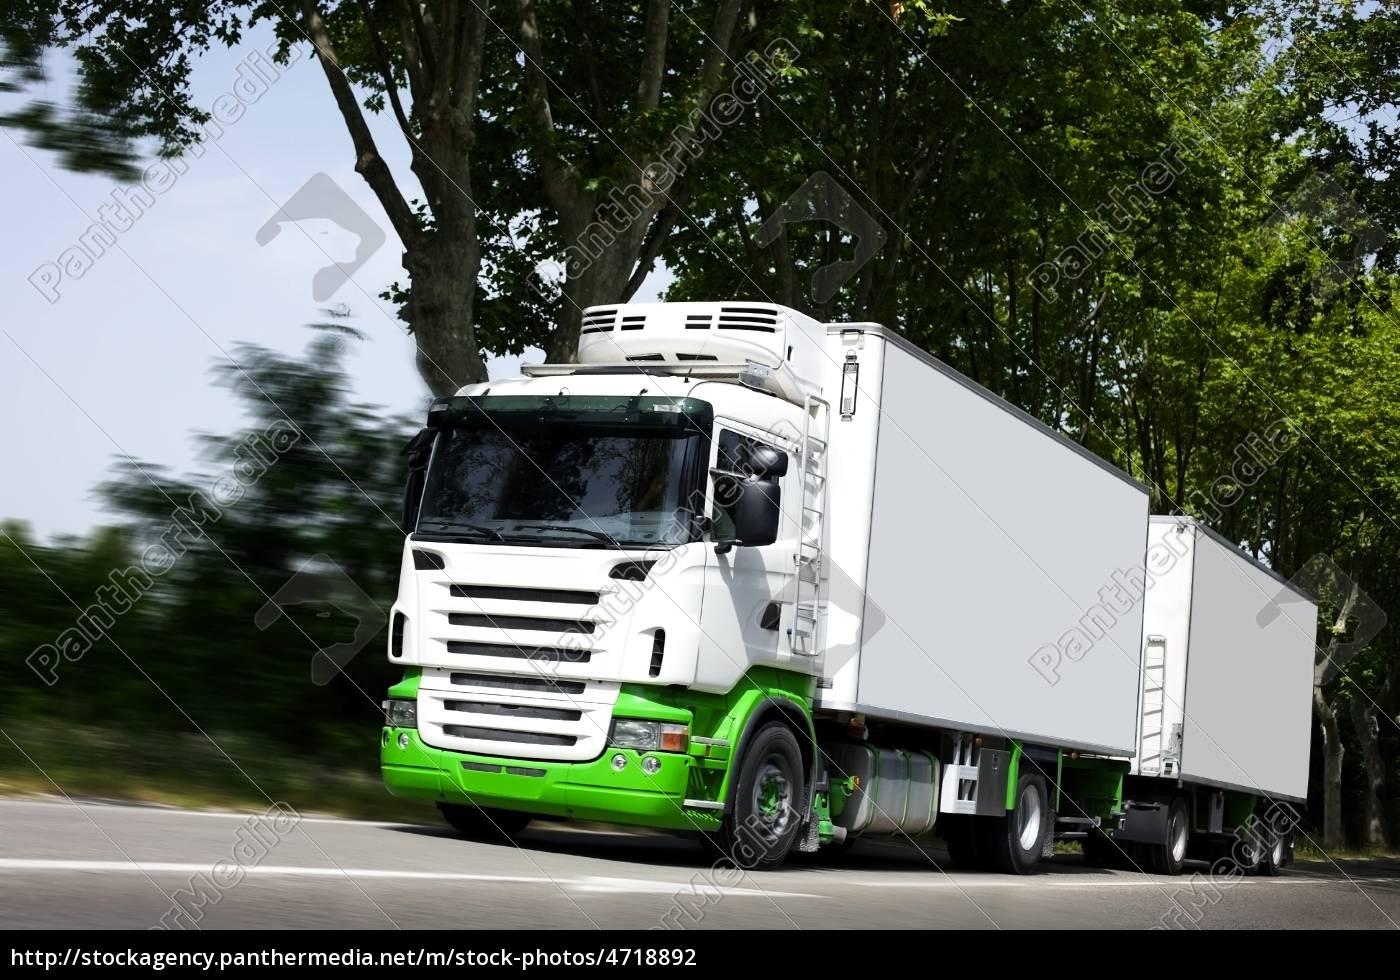 przyspieszyć, żółty, semi-truck, na, autostradzie - 4718892